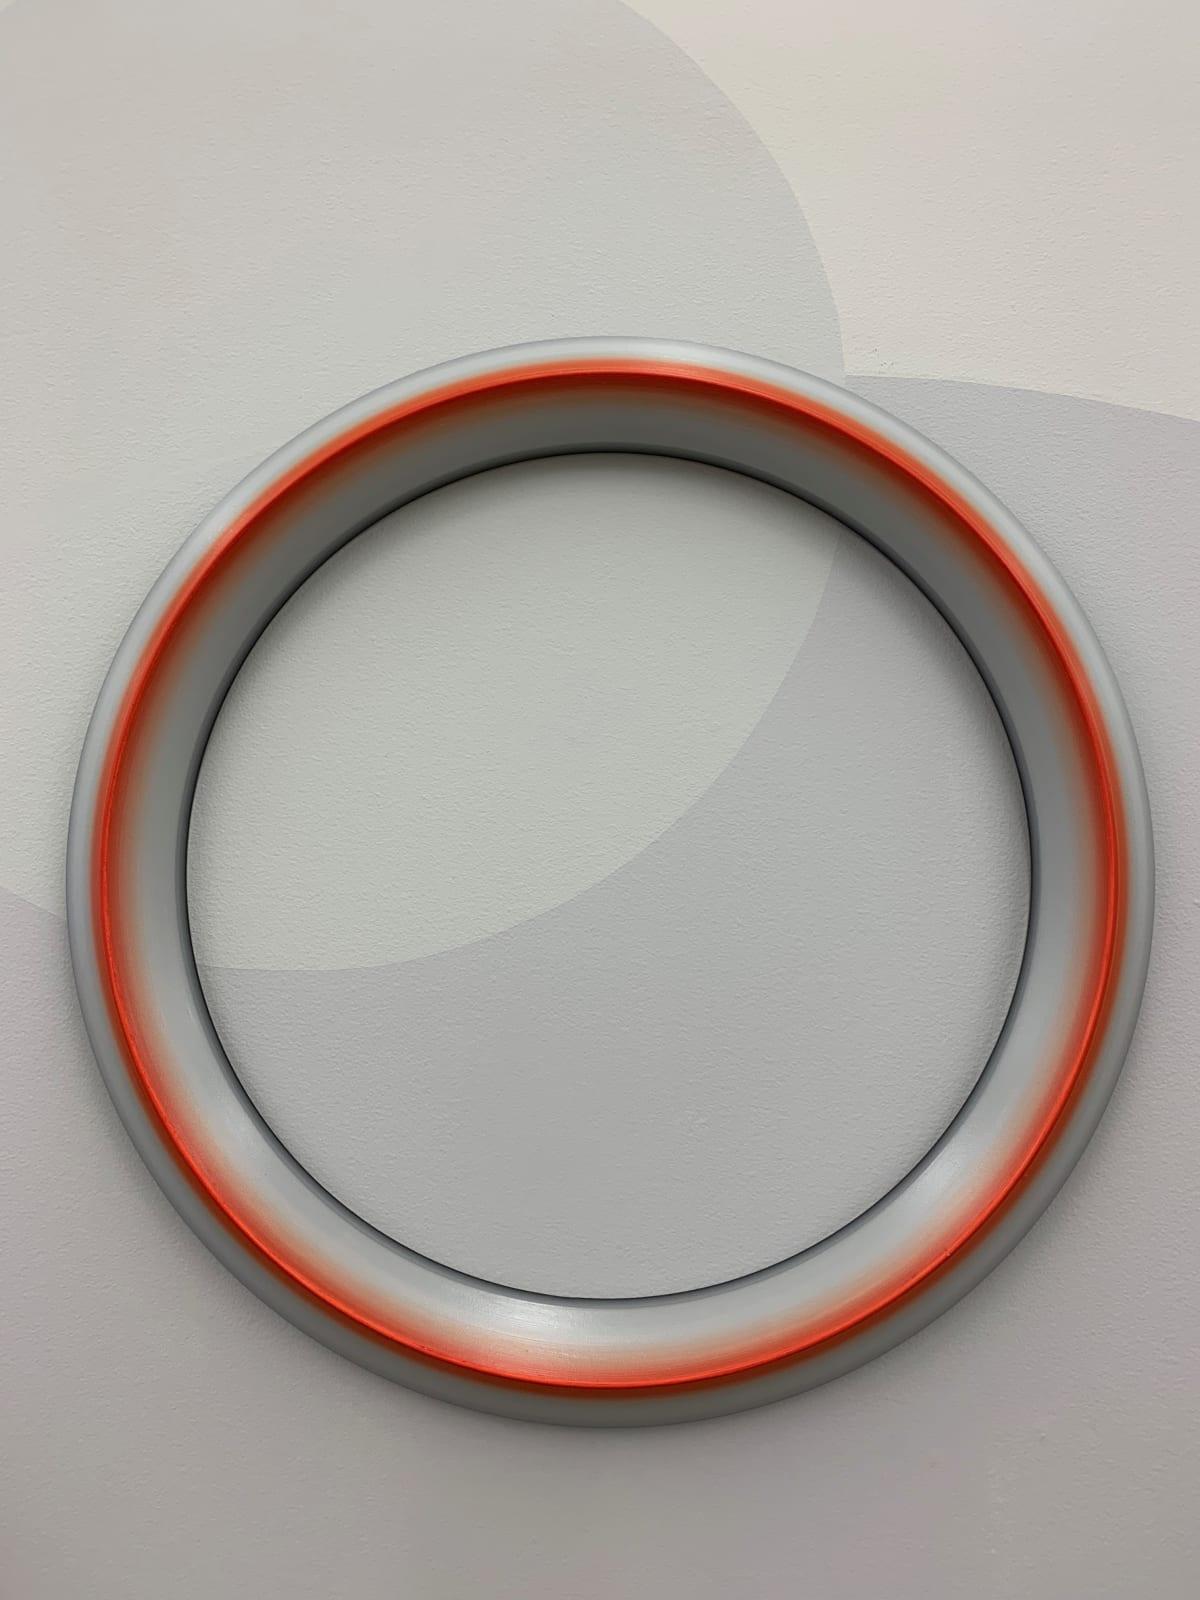 Marion Borgelt Luminous Void: Piece No 13, 2019 oil, timber 58cm ø x 4cm